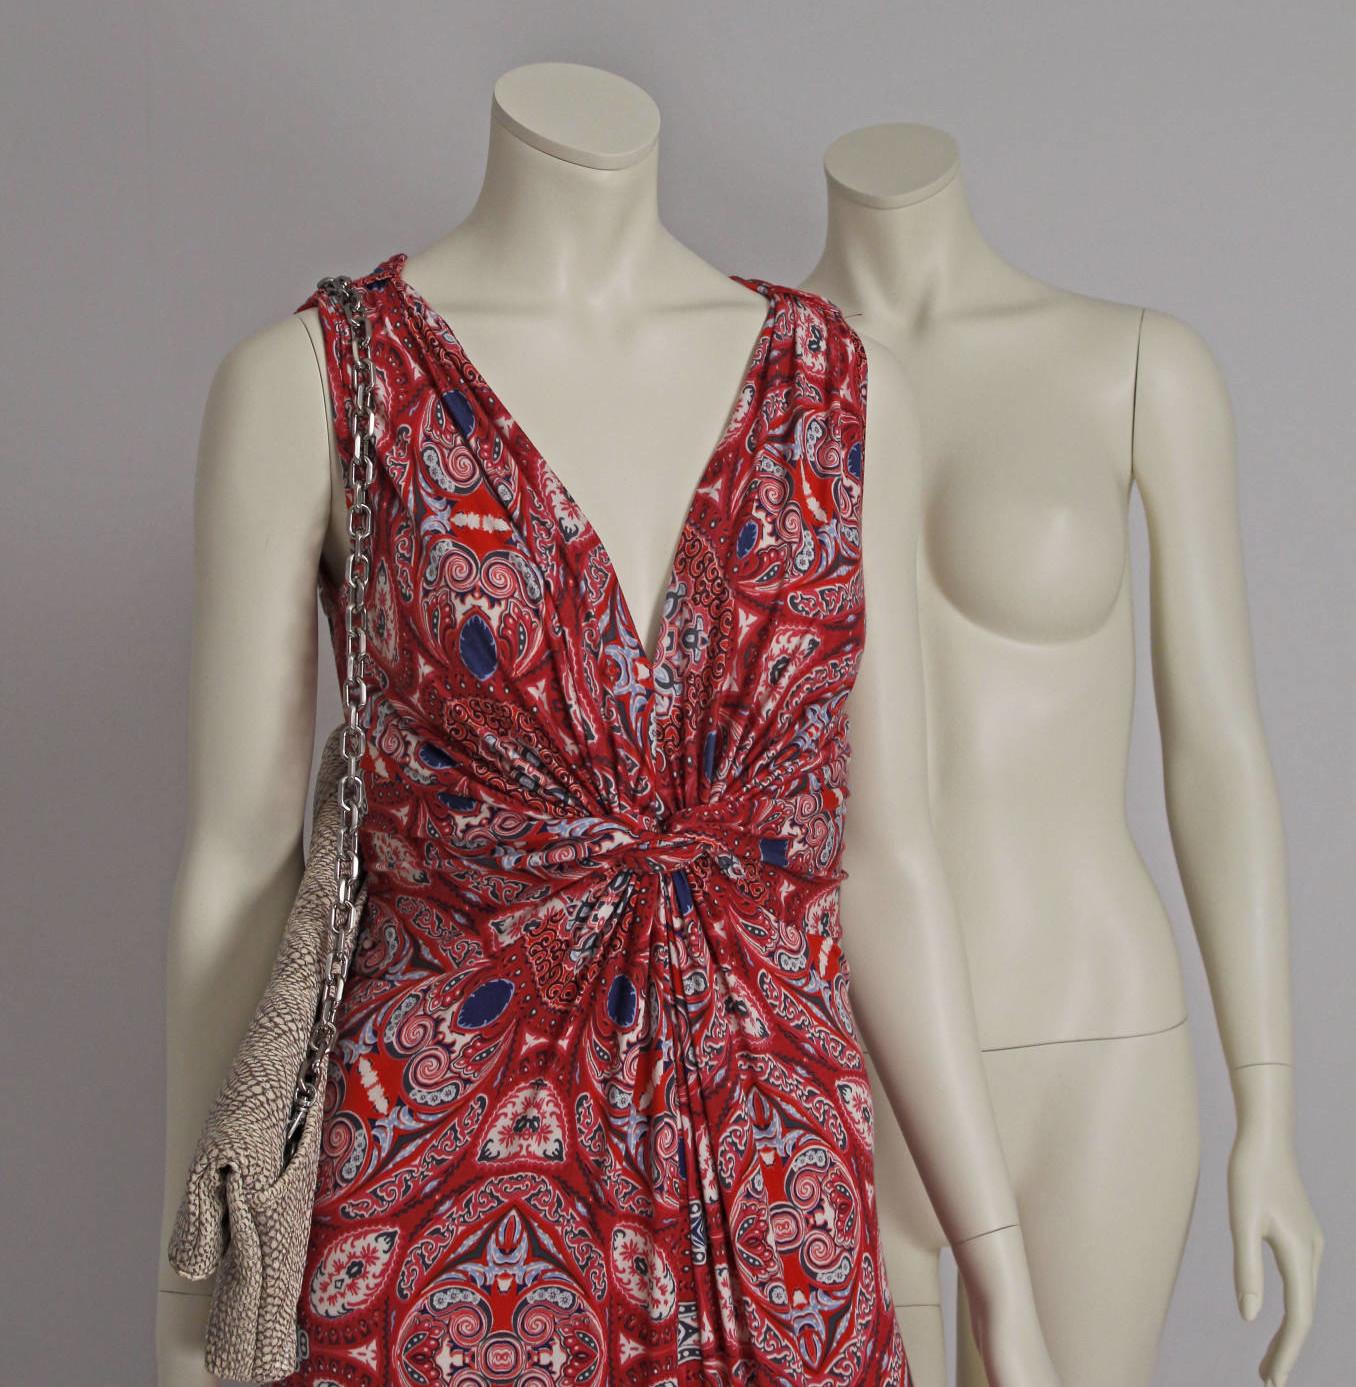 Mannequin dame i hovedløs design. Findes i flere positioner og kan omlakeres til andre ønskelige farver.